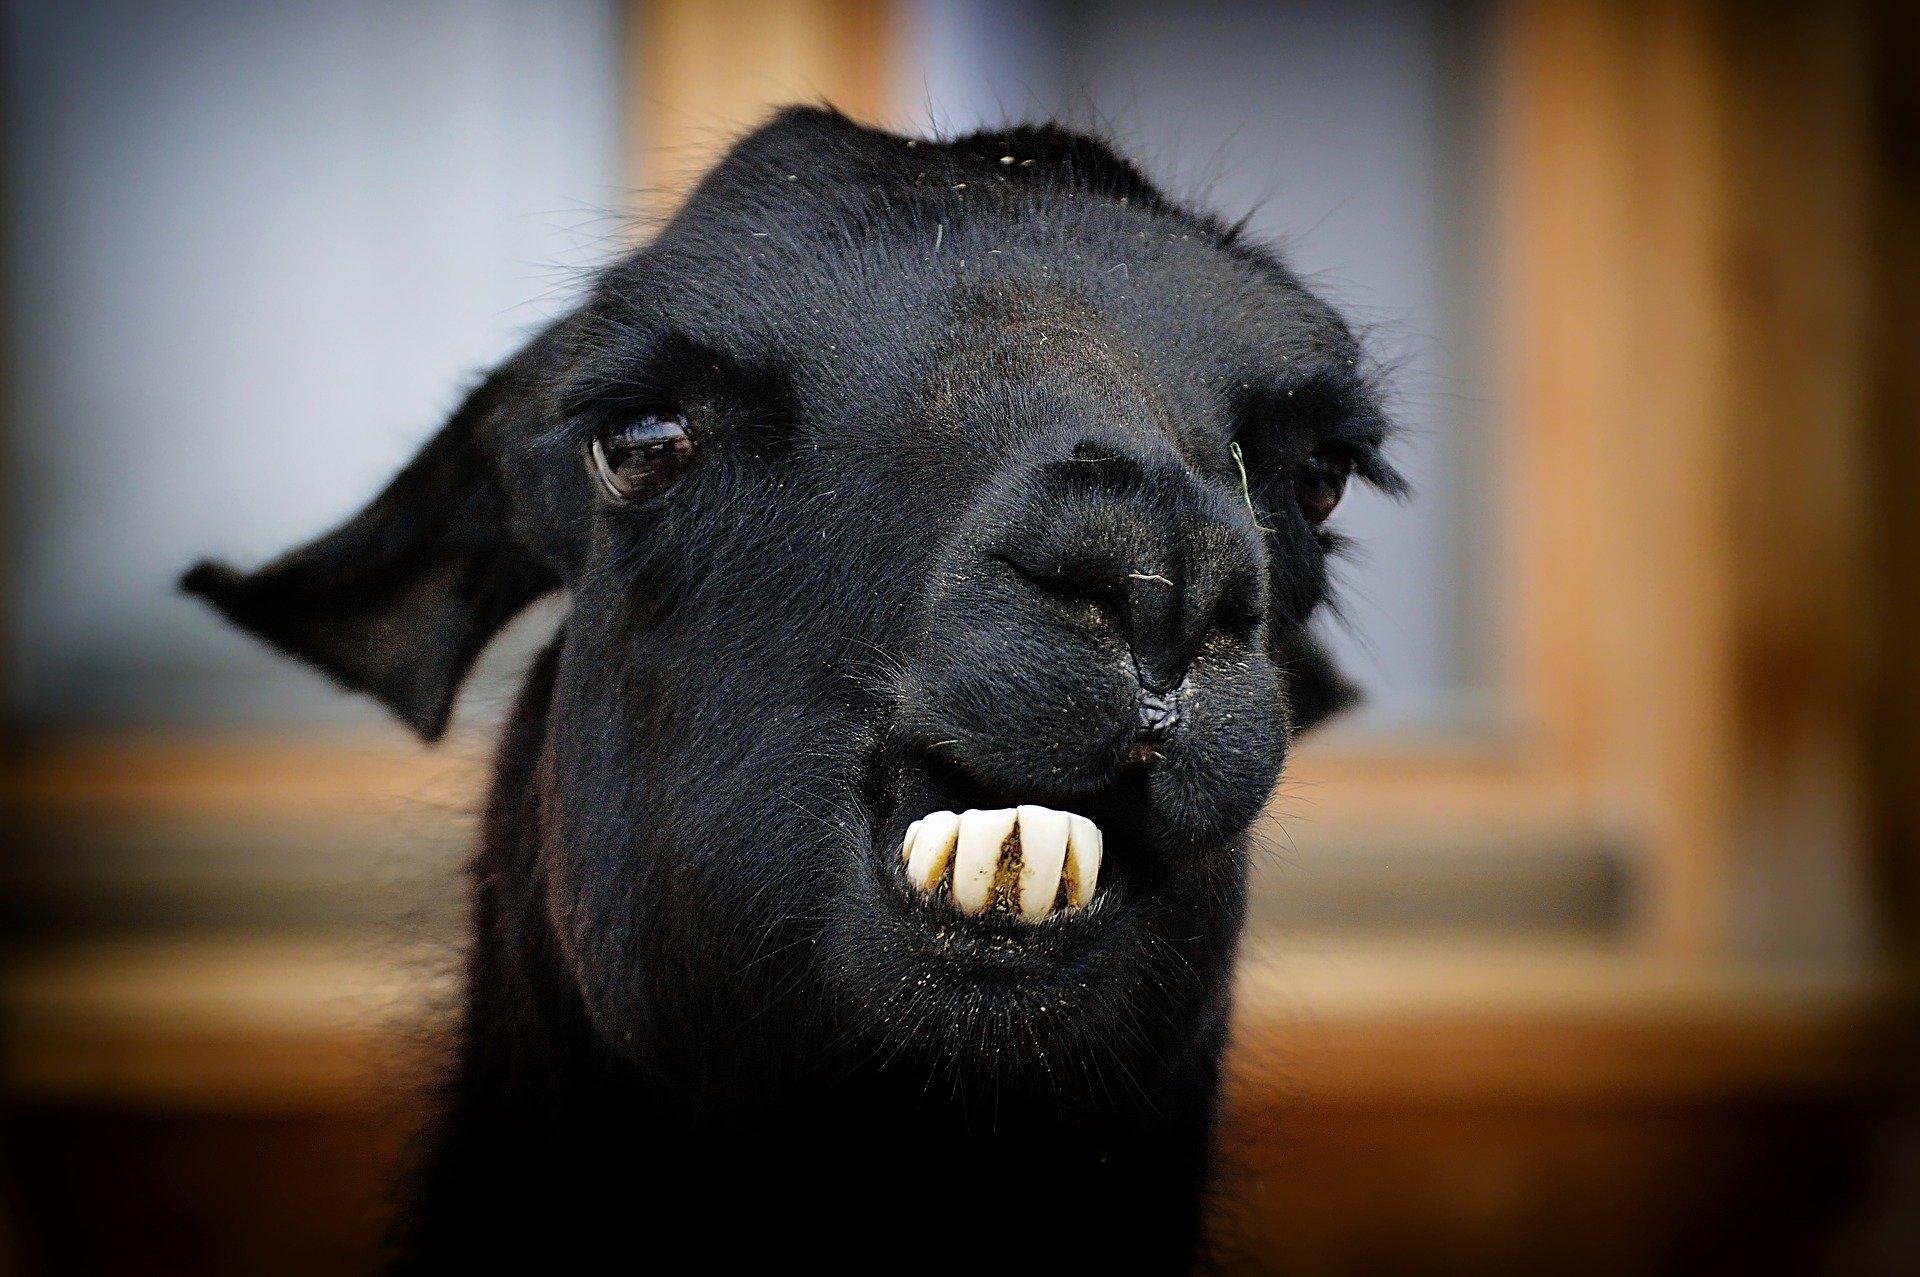 Ob sich dieses Lama gerade einen Blick ins DAMAS geworfen hat und nun froh ist keine Daten pflegen zu können?